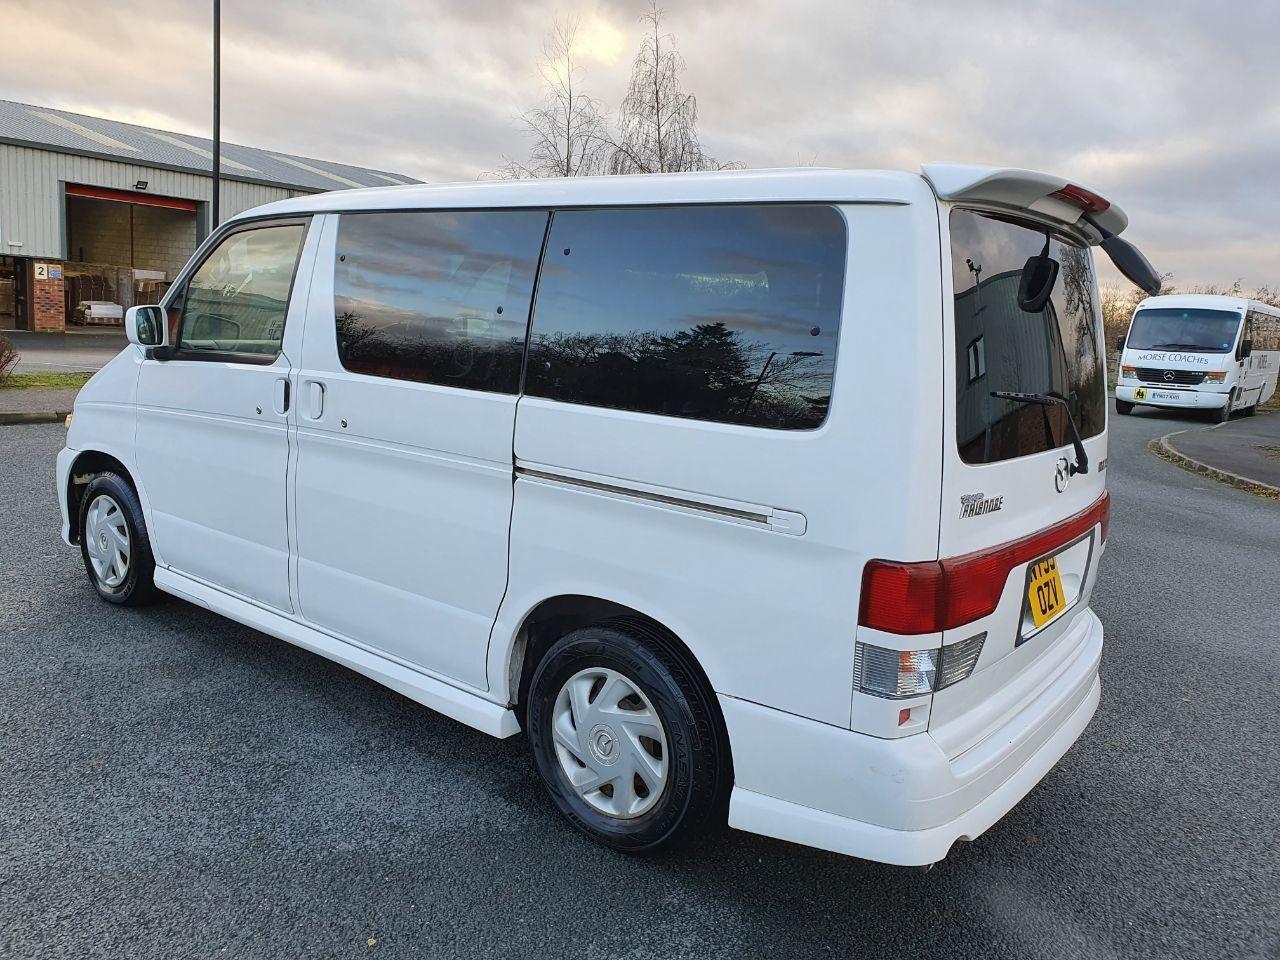 2003 Mazda Bongo Aero - 8 Seats MPV - Day Van - Camper For Sale (picture 6 of 12)